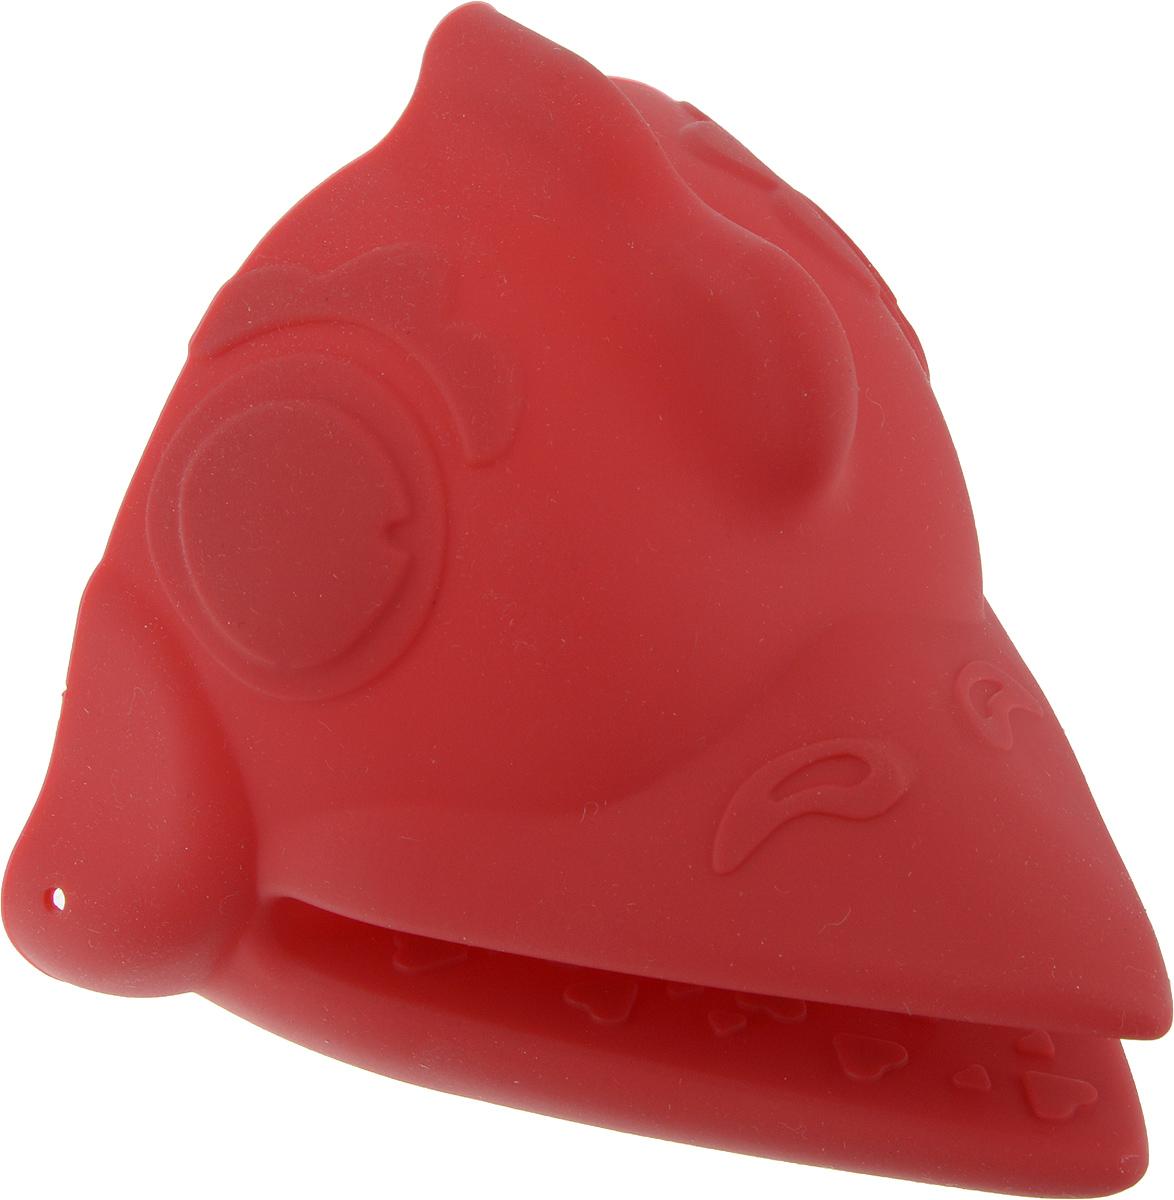 Прихватка Marmiton Петух, силиконовая, цвет: красный16076_красныйСиликоновая прихватка Marmiton Петух позволяет защитить ладонь и пальцы от нежелательного воздействия высоких температур. Ребристая поверхность предотвращает скольжение. С помощью такой рукавицы ваши руки будут защищены от ожогов, когда вы будете ставить в печь или доставать из нее выпечку. Изделие оснащено петелькой для подвешивания на крючок.